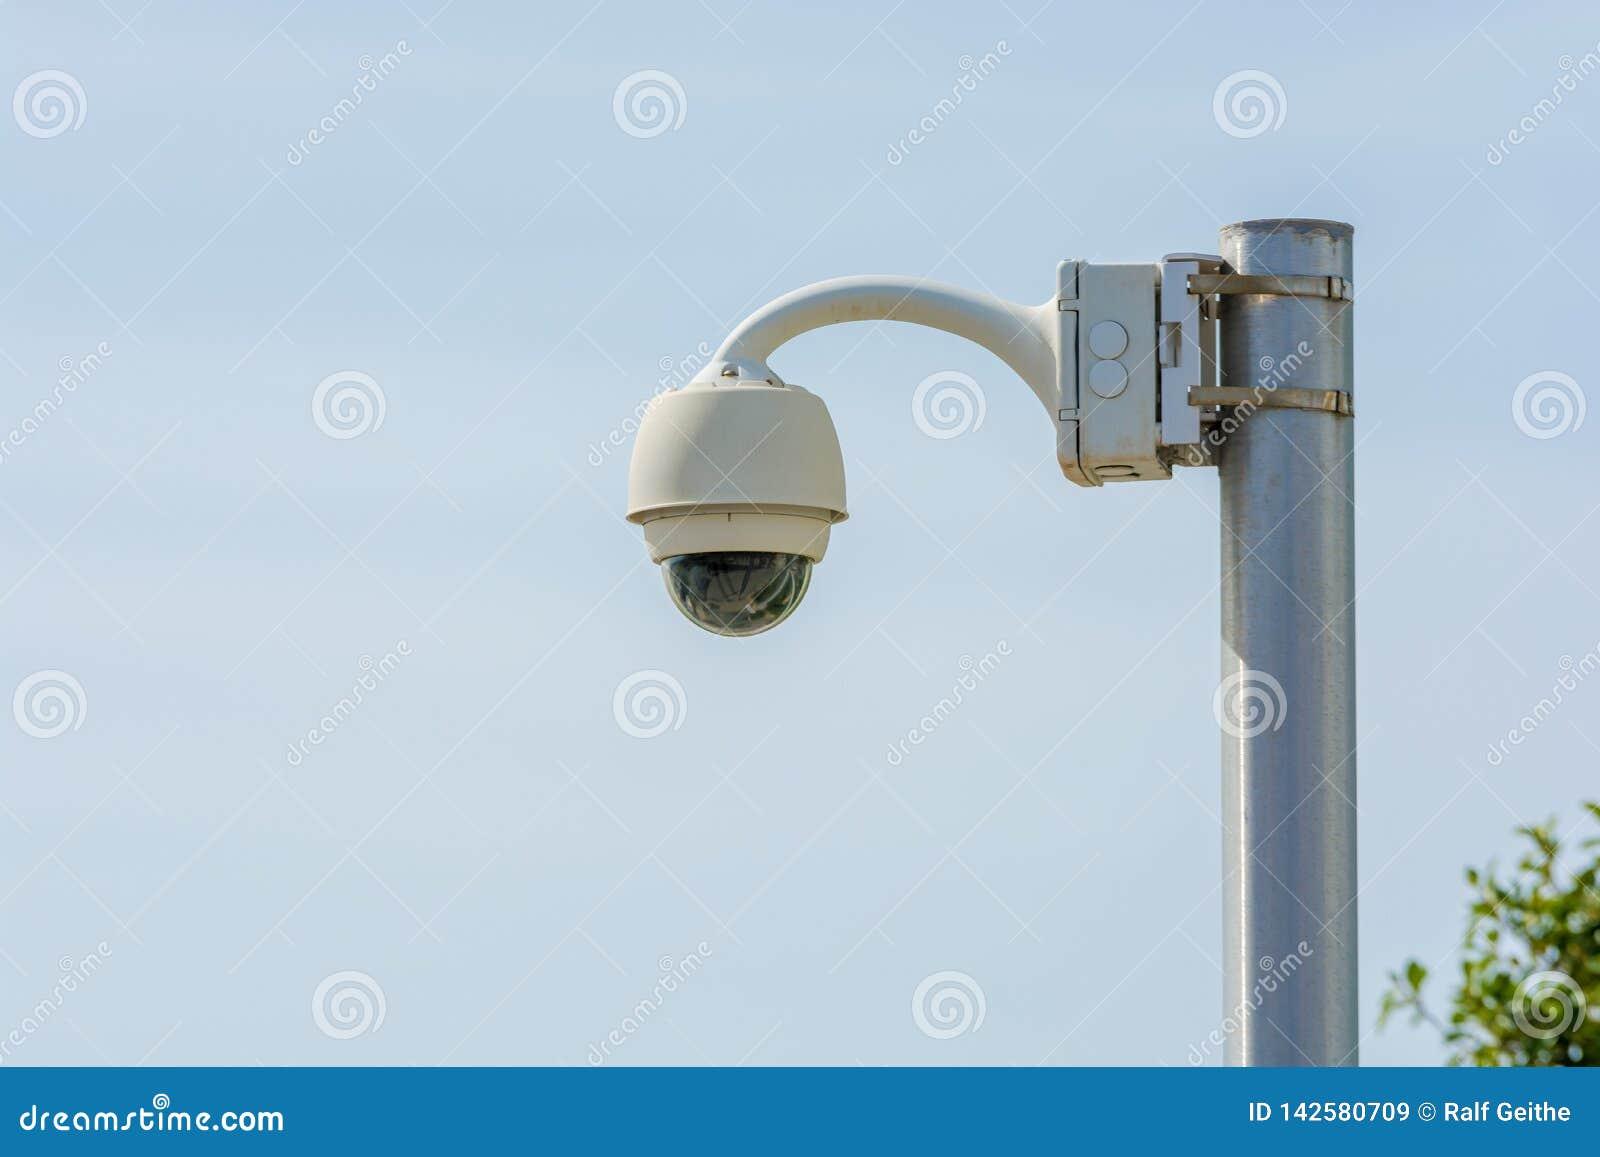 Videosorveglianza negli spazi pubblici